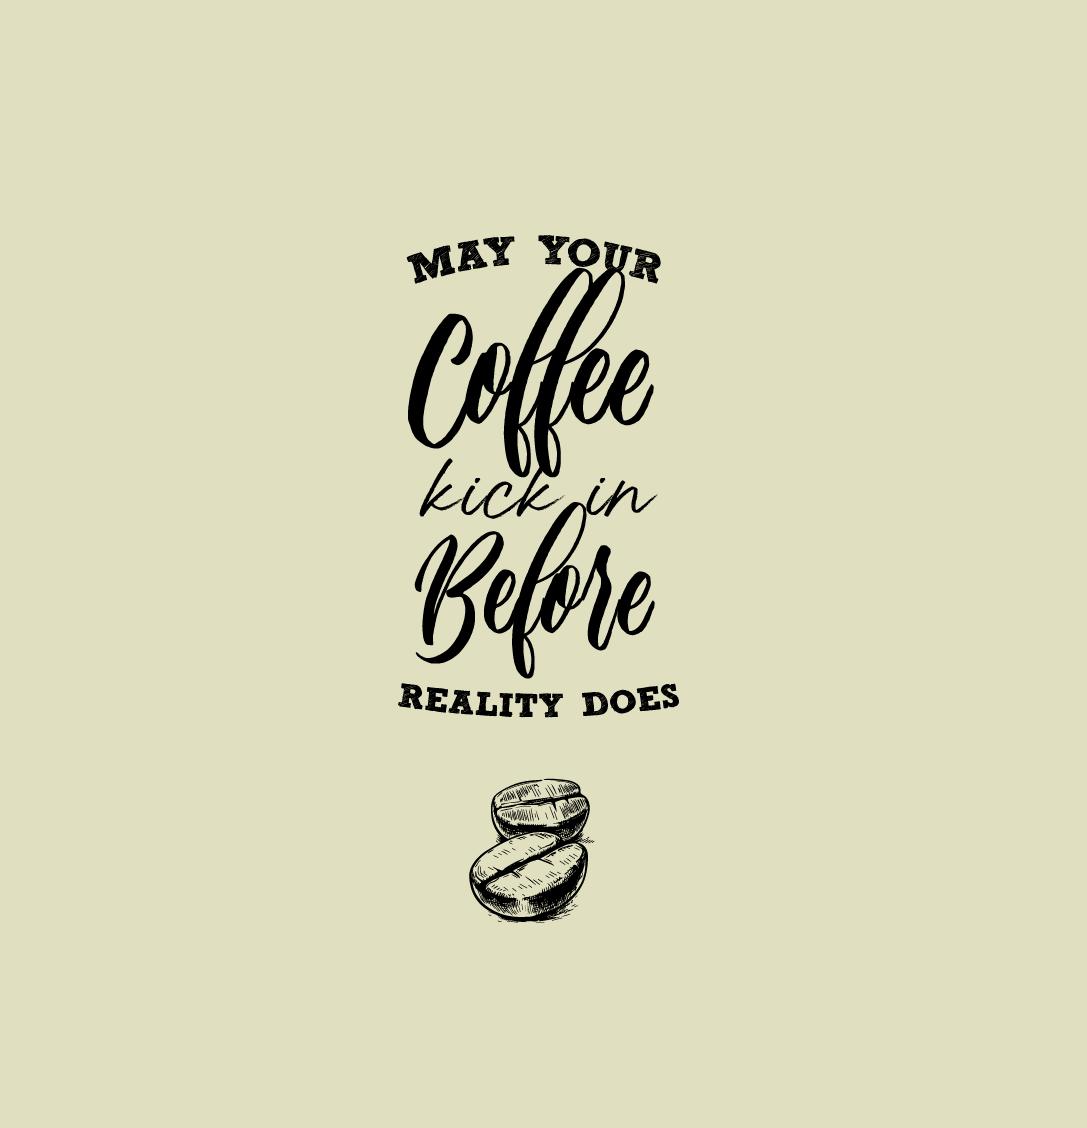 Arabica koffiebonen bij het opstaan